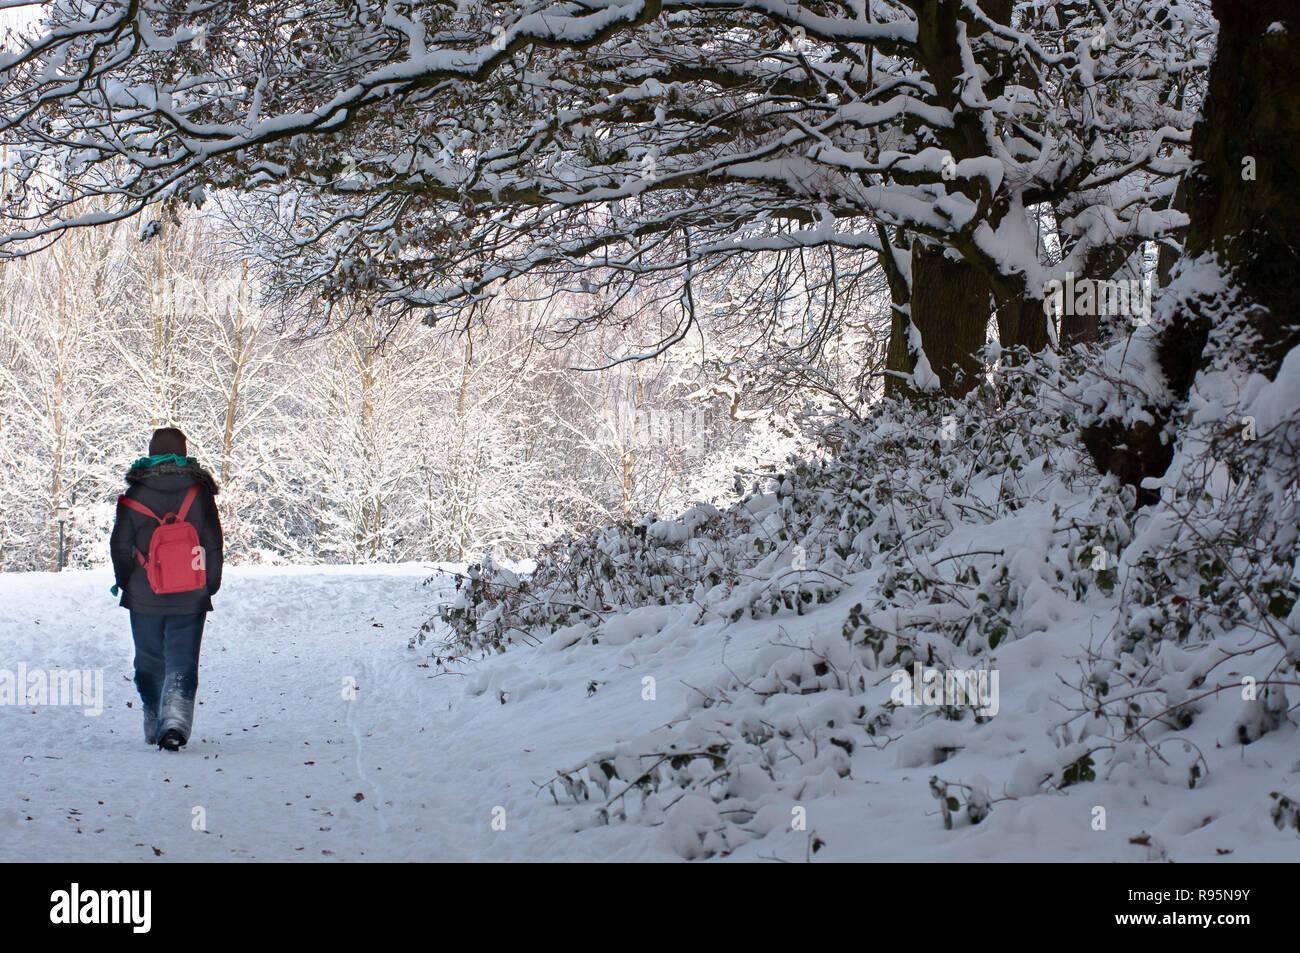 Frau auf einem schneebedeckten Weg in Redditch, Worcestershire. Großbritannien Stockfoto